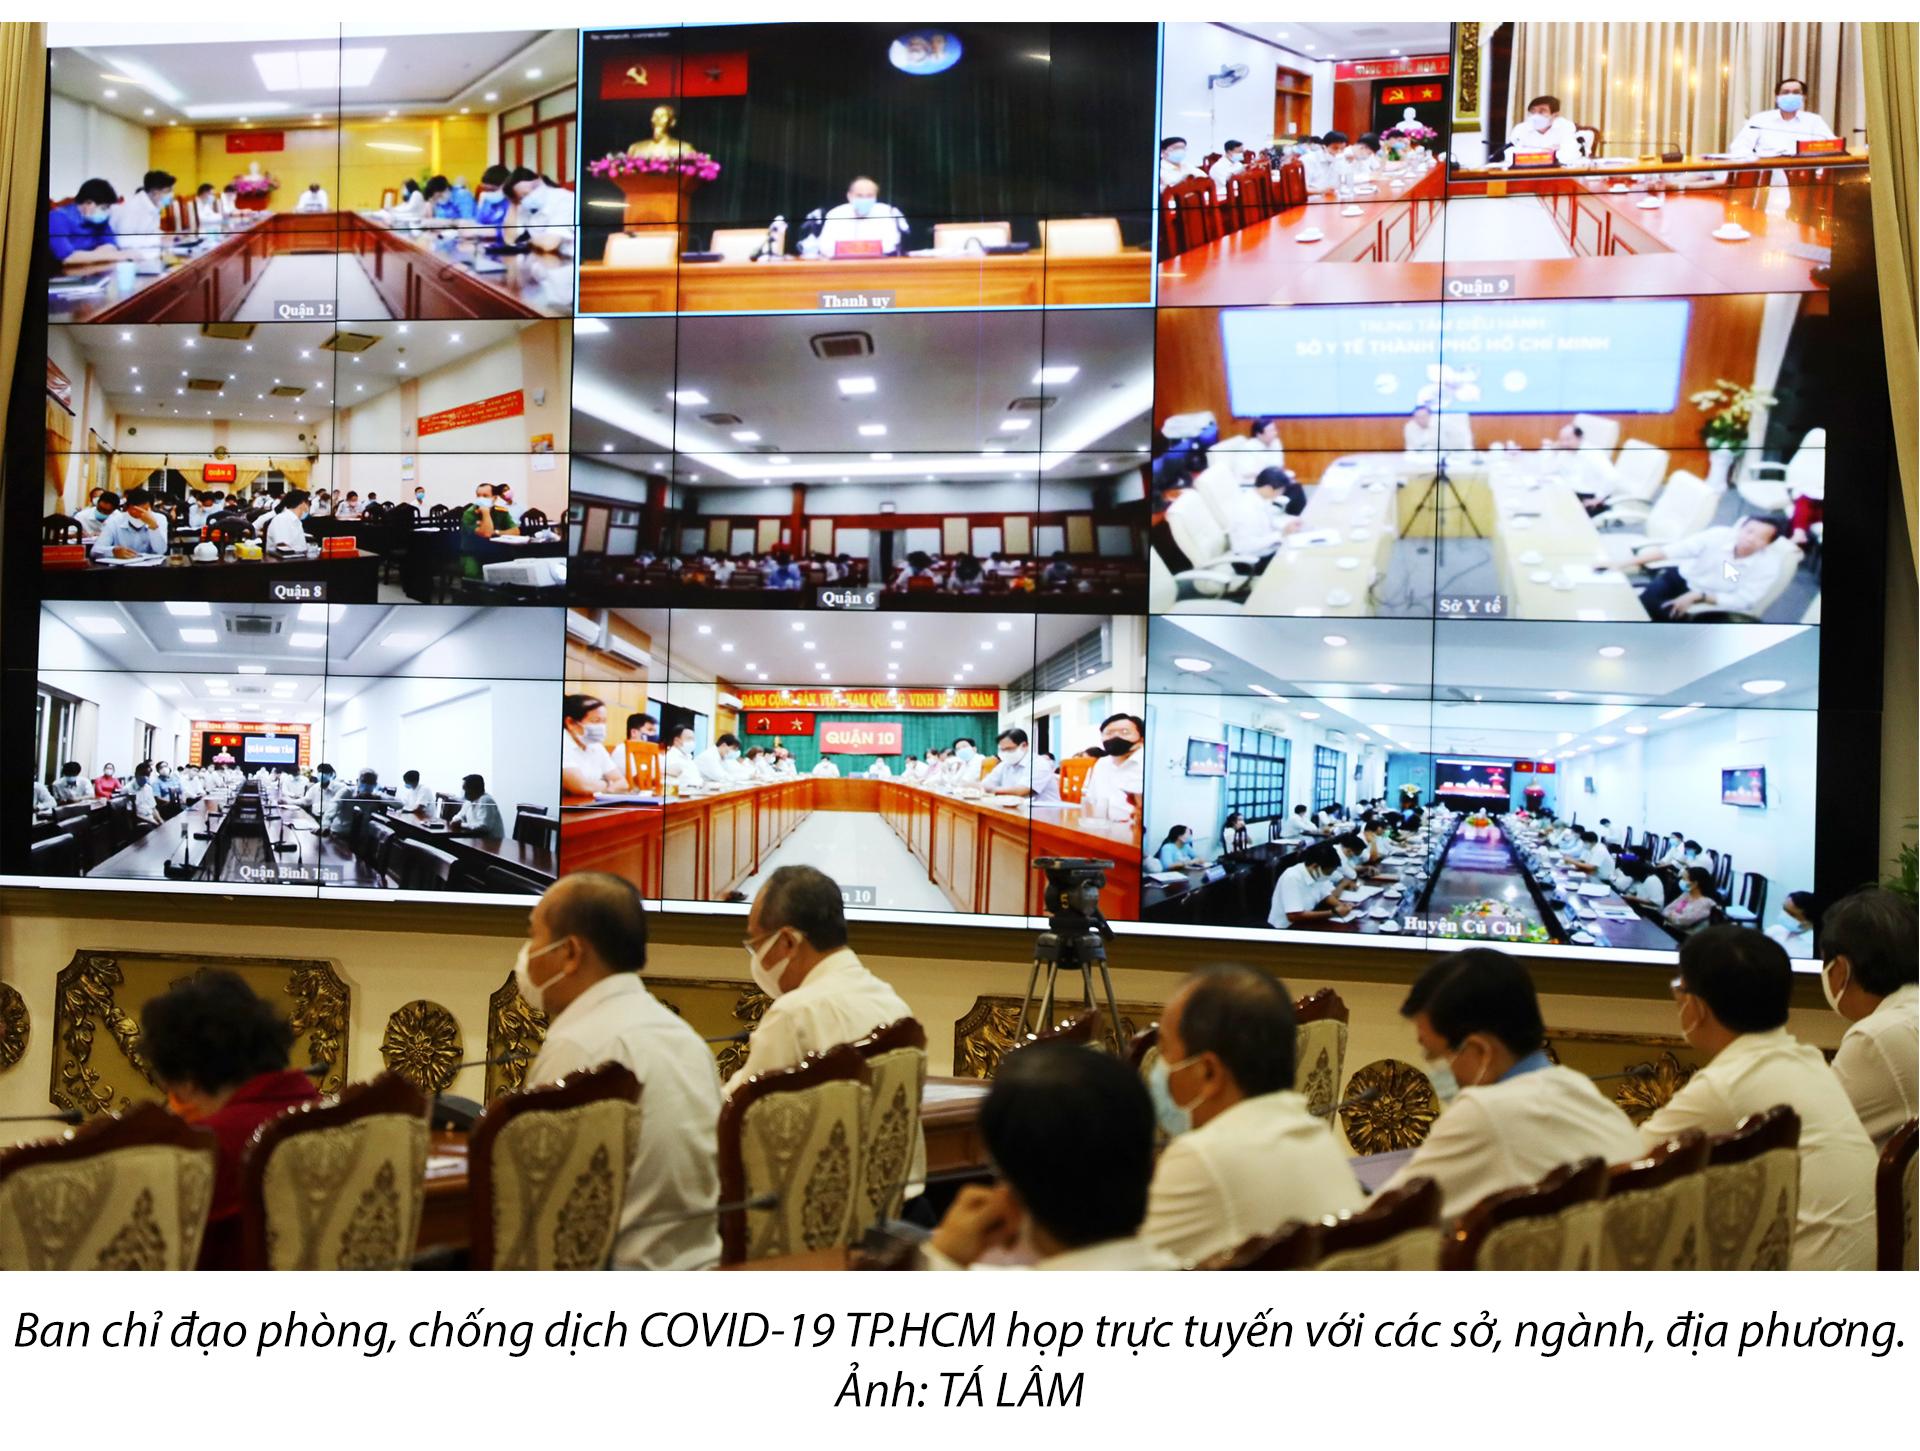 5 nỗ lực lớn của TP.HCM trong phòng, chống COVID-19 - ảnh 11